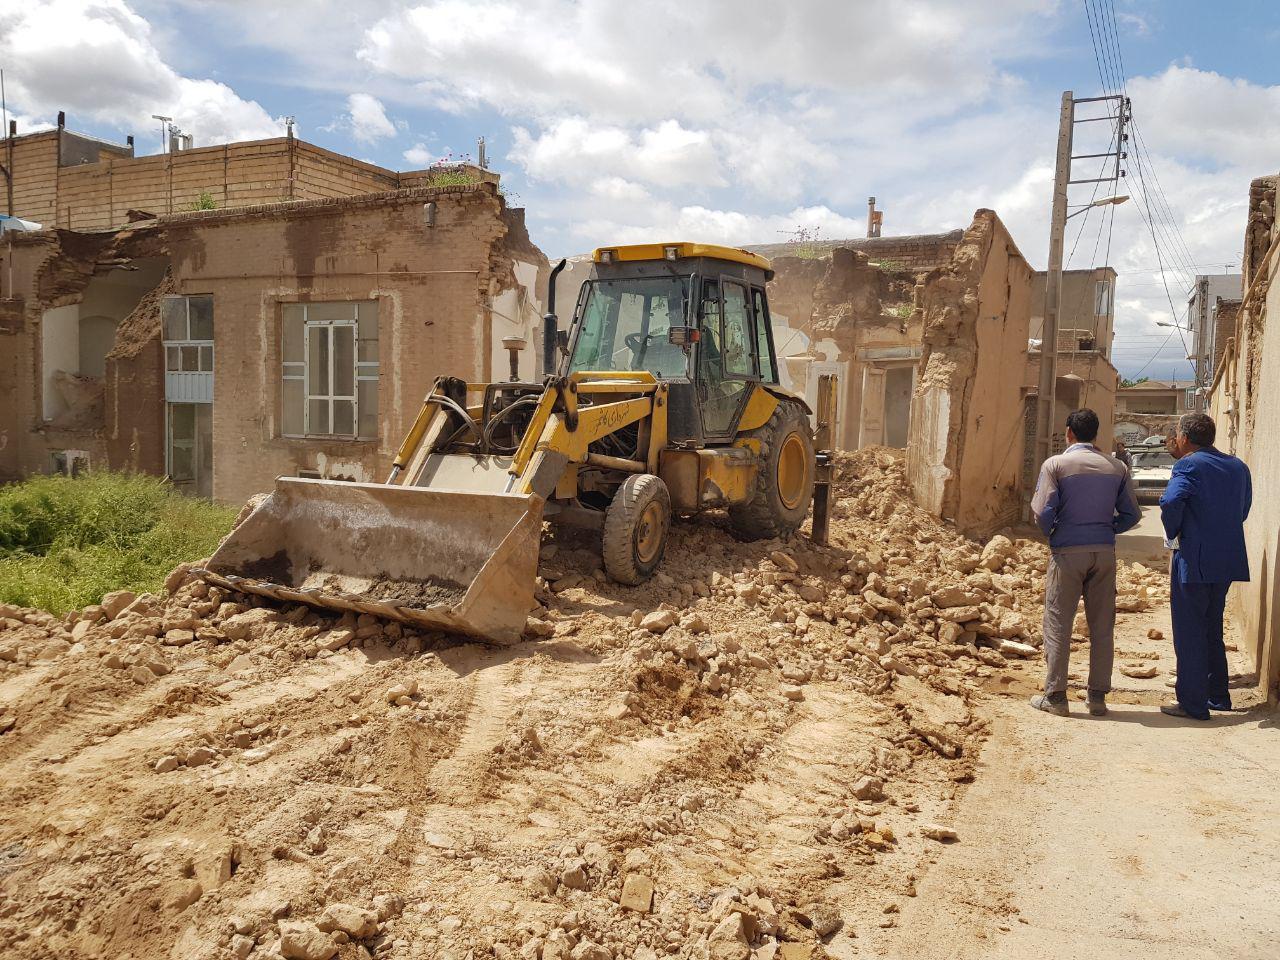 40 نقطه آسیب زا در نقاط مختلف شهر کاشمر رفع خطر شد